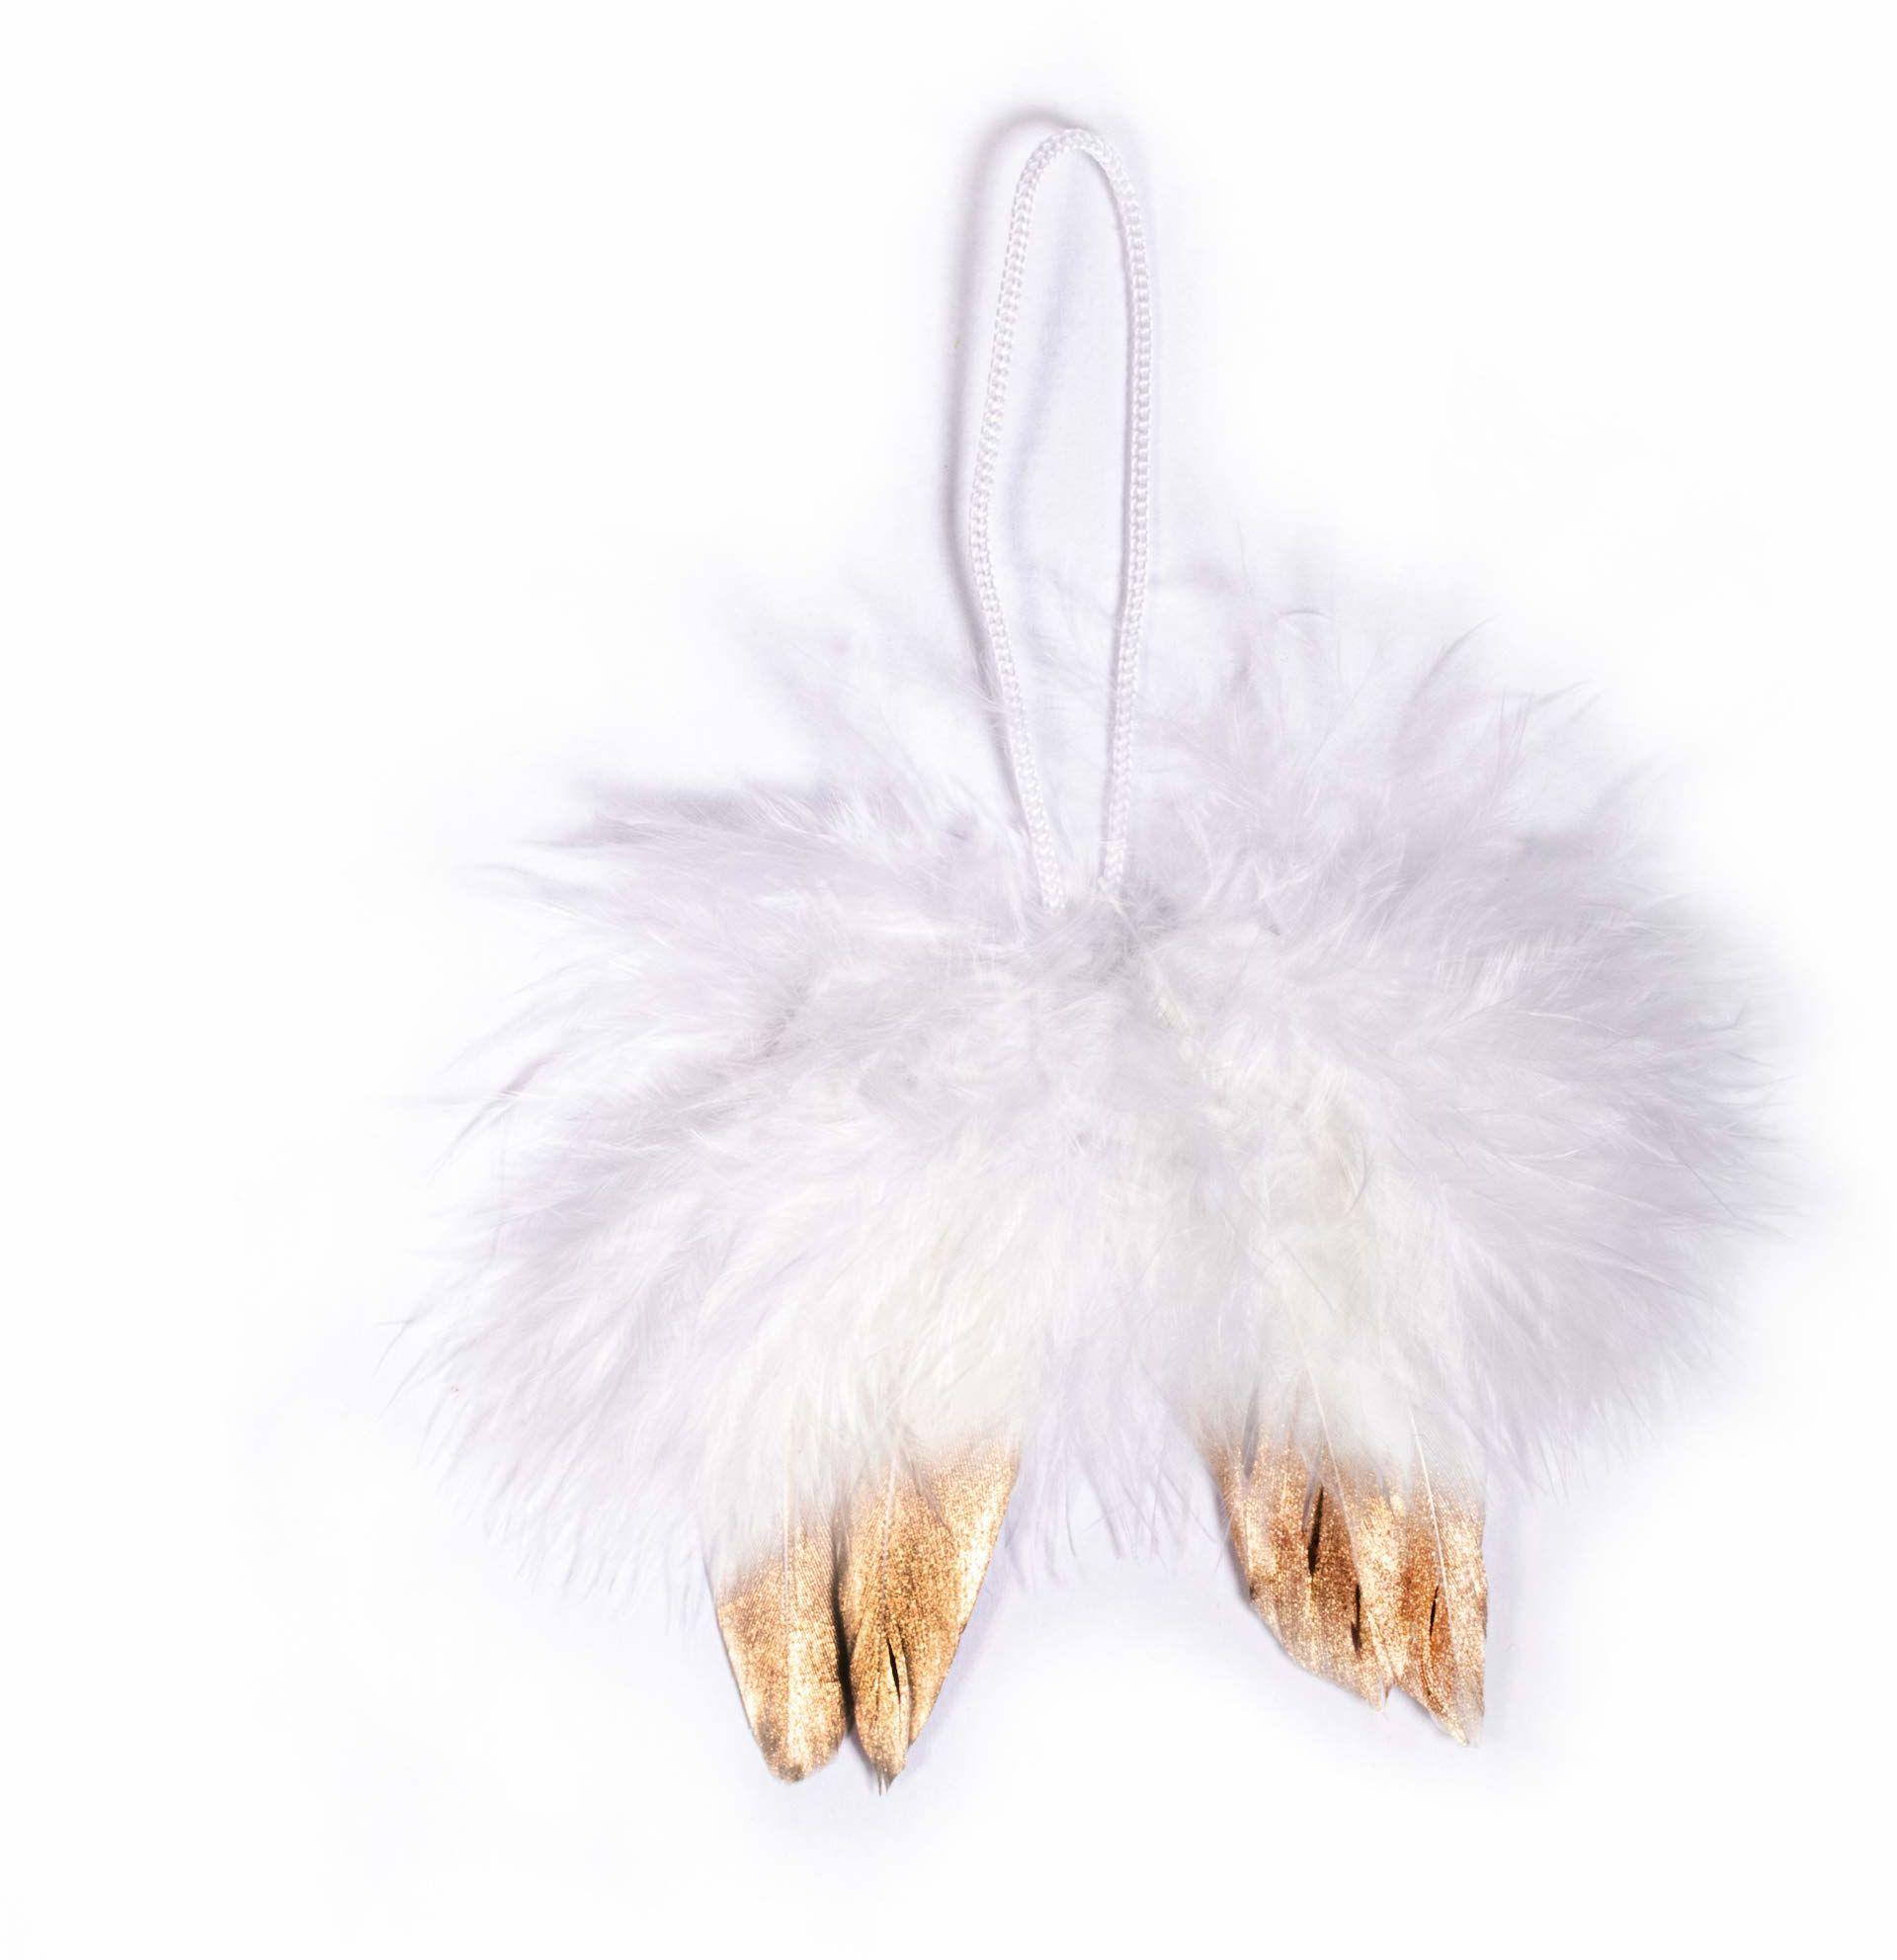 Rayher 85483102 skrzydła anioła z pióra, białe/złoto, 5 cm, 2 sztuki, do zawieszenia, zawieszki na Boże Narodzenie, ozdoby choinkowe, skrzydła pióra anioła